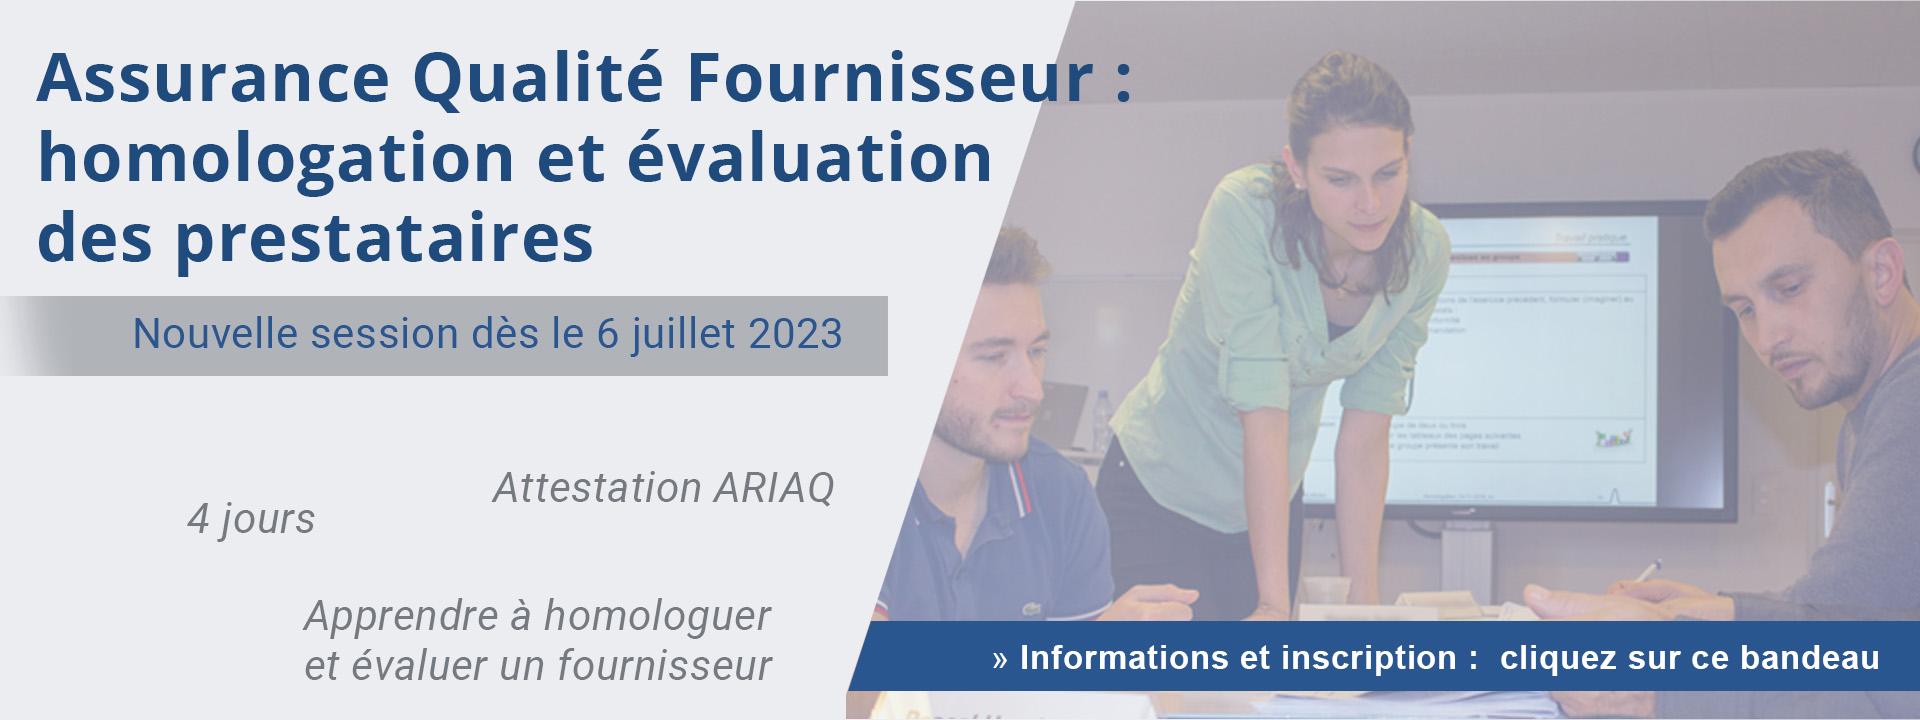 Assurance Qualité Fournisseur : homologation et évaluation des prestataires